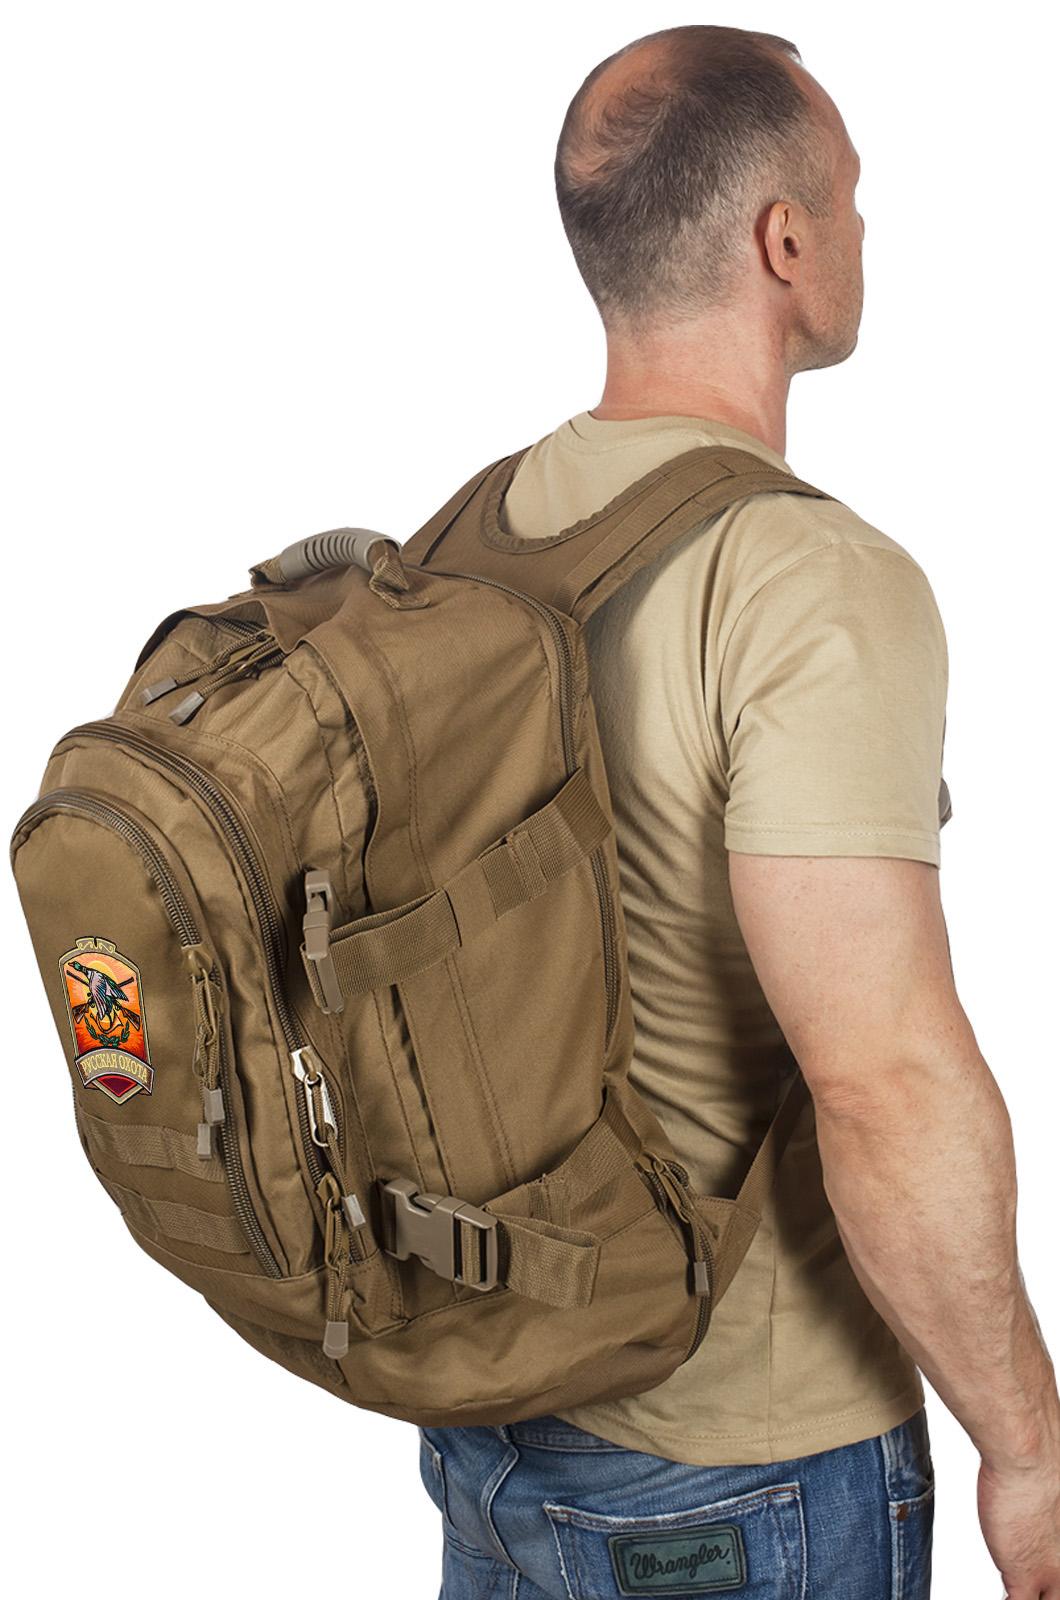 Стильный рюкзак для мужчины с нашивкой Русская Охота - заказать в Военпро